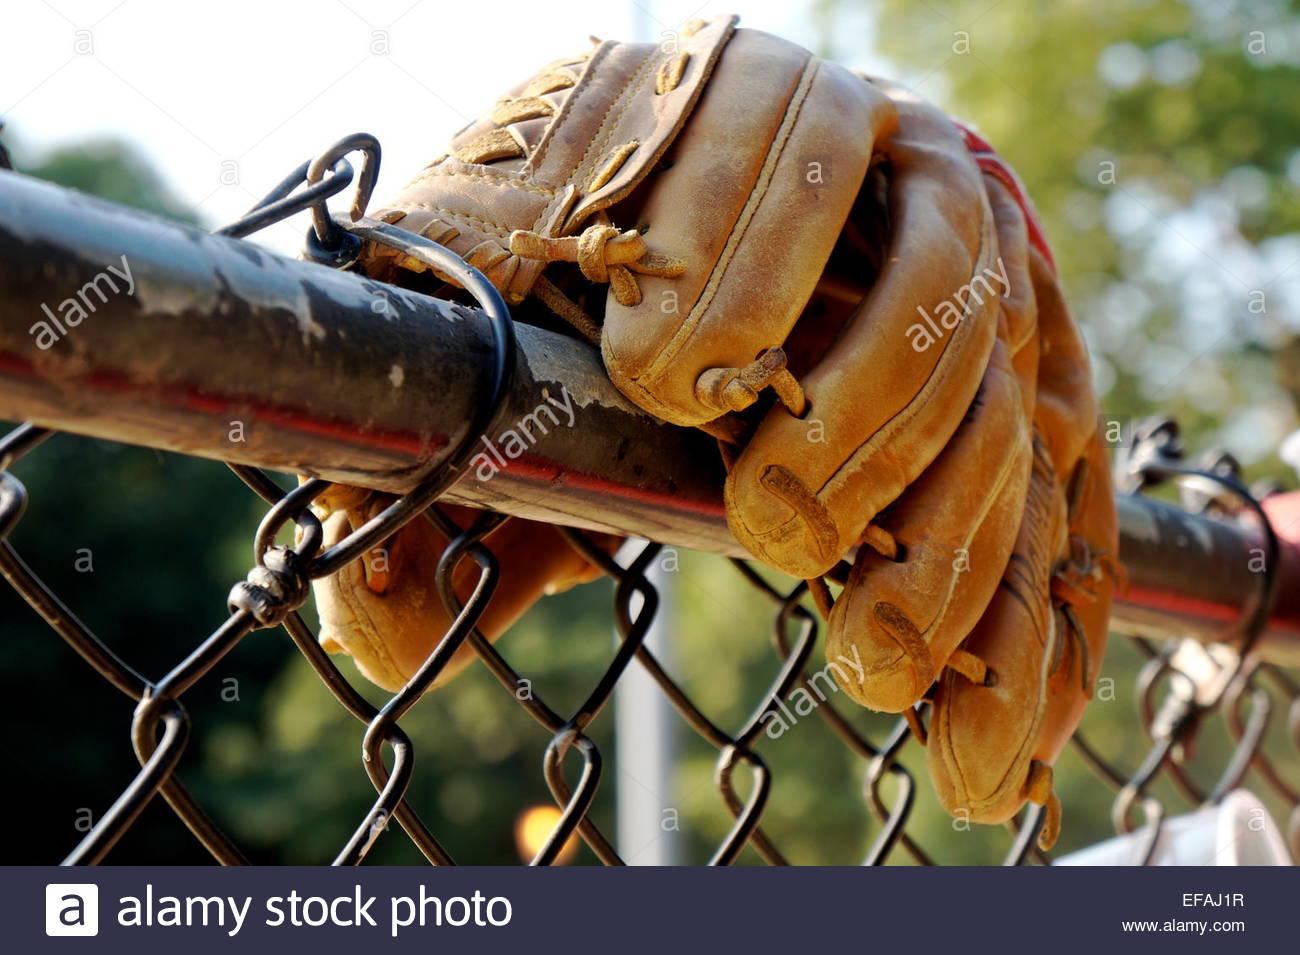 Guanto baseball sulla barra superiore della recinzione ad anelli Immagini Stock